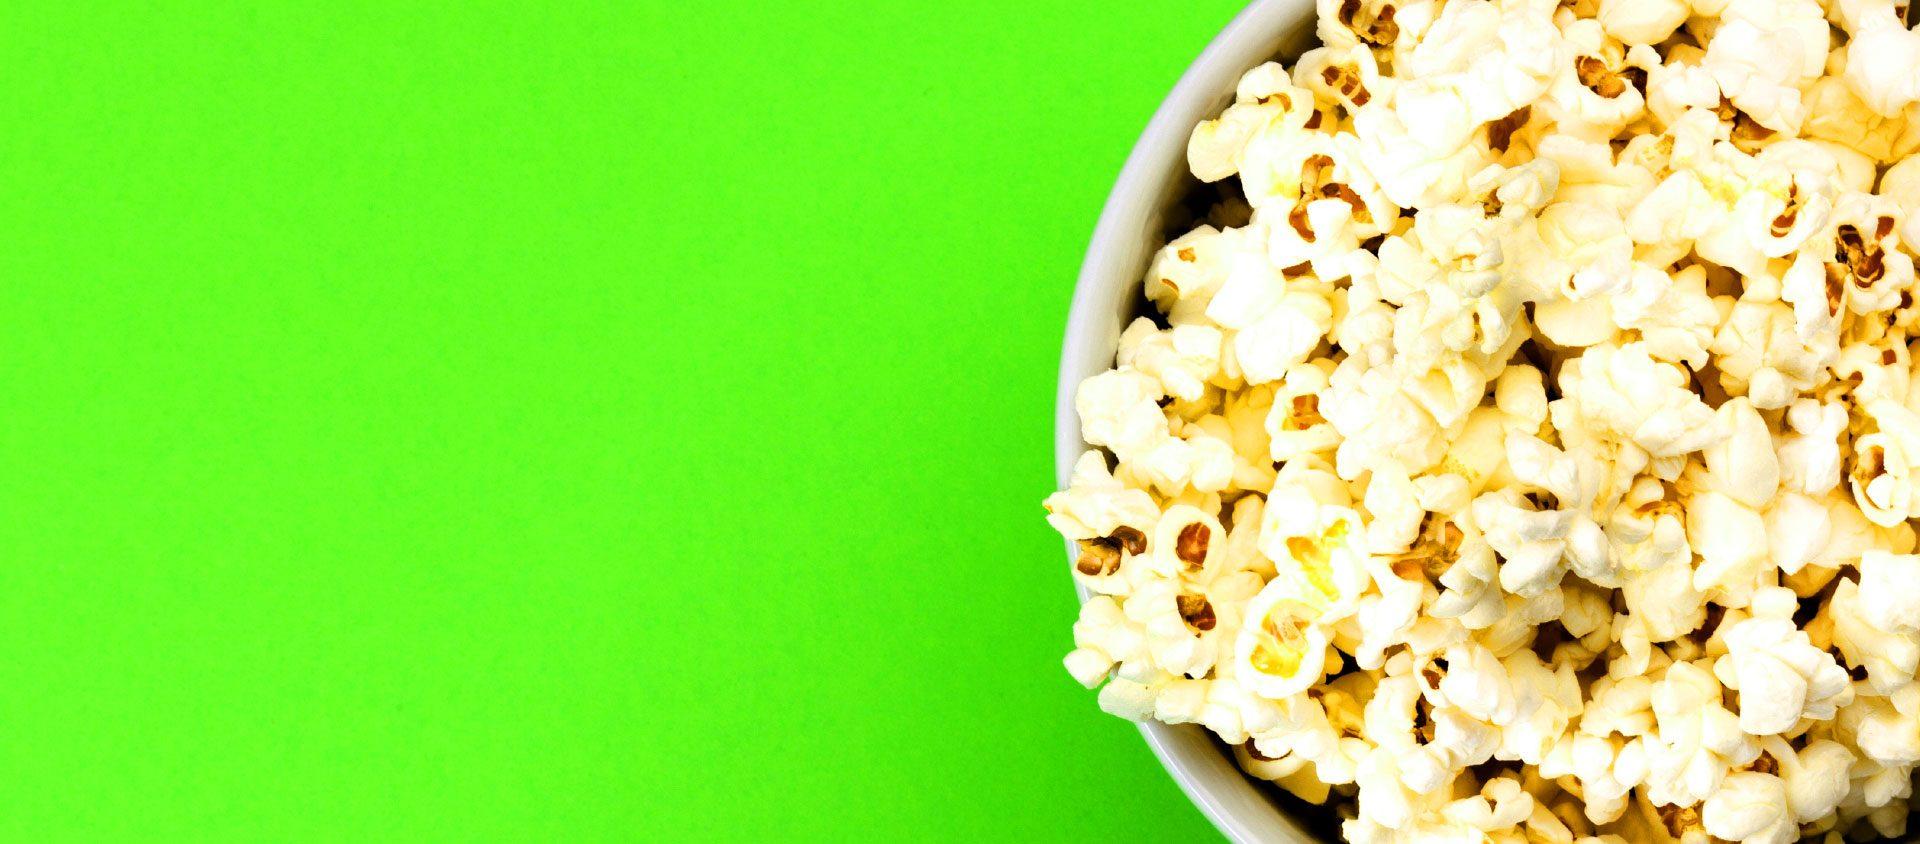 Especial Quarentena: Dicas de filmes e livros para se entreter